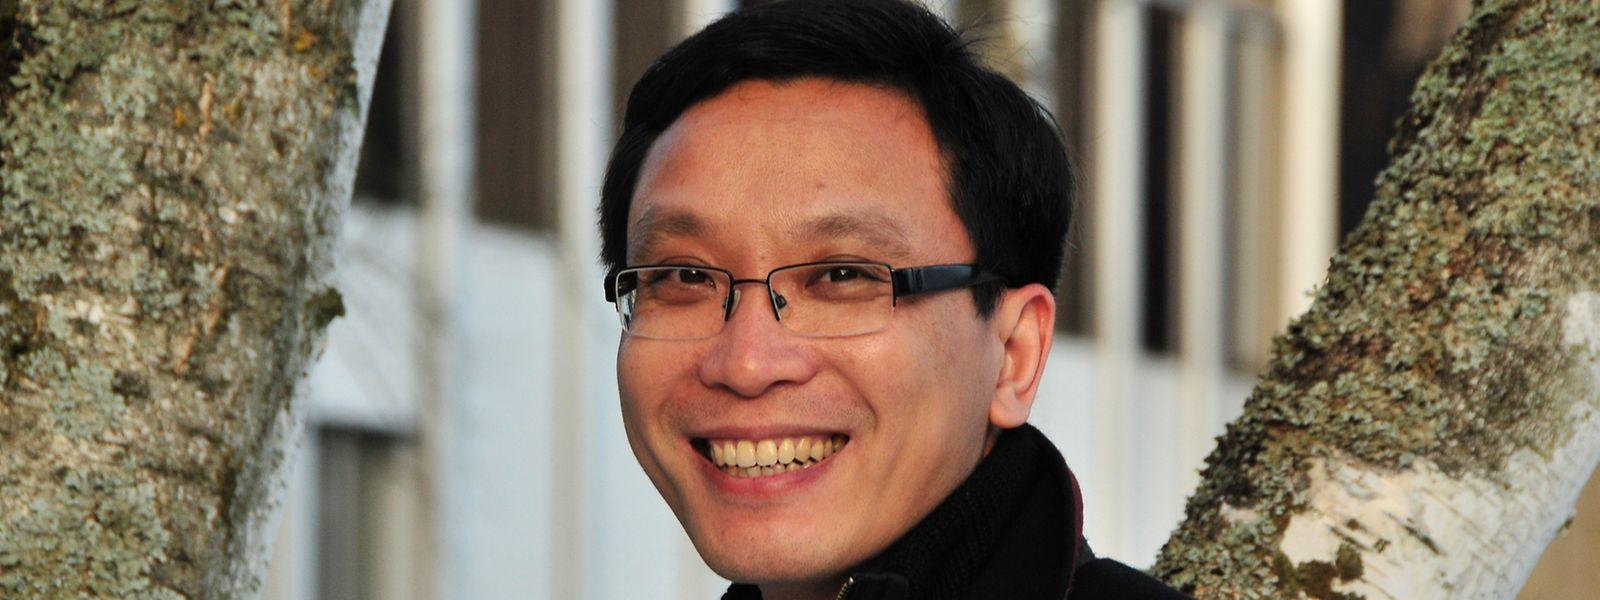 Jun Pang ist einer der Forscher der Fakultät für Naturwissenschaften, Technologie und Kommunikation (FSTC).